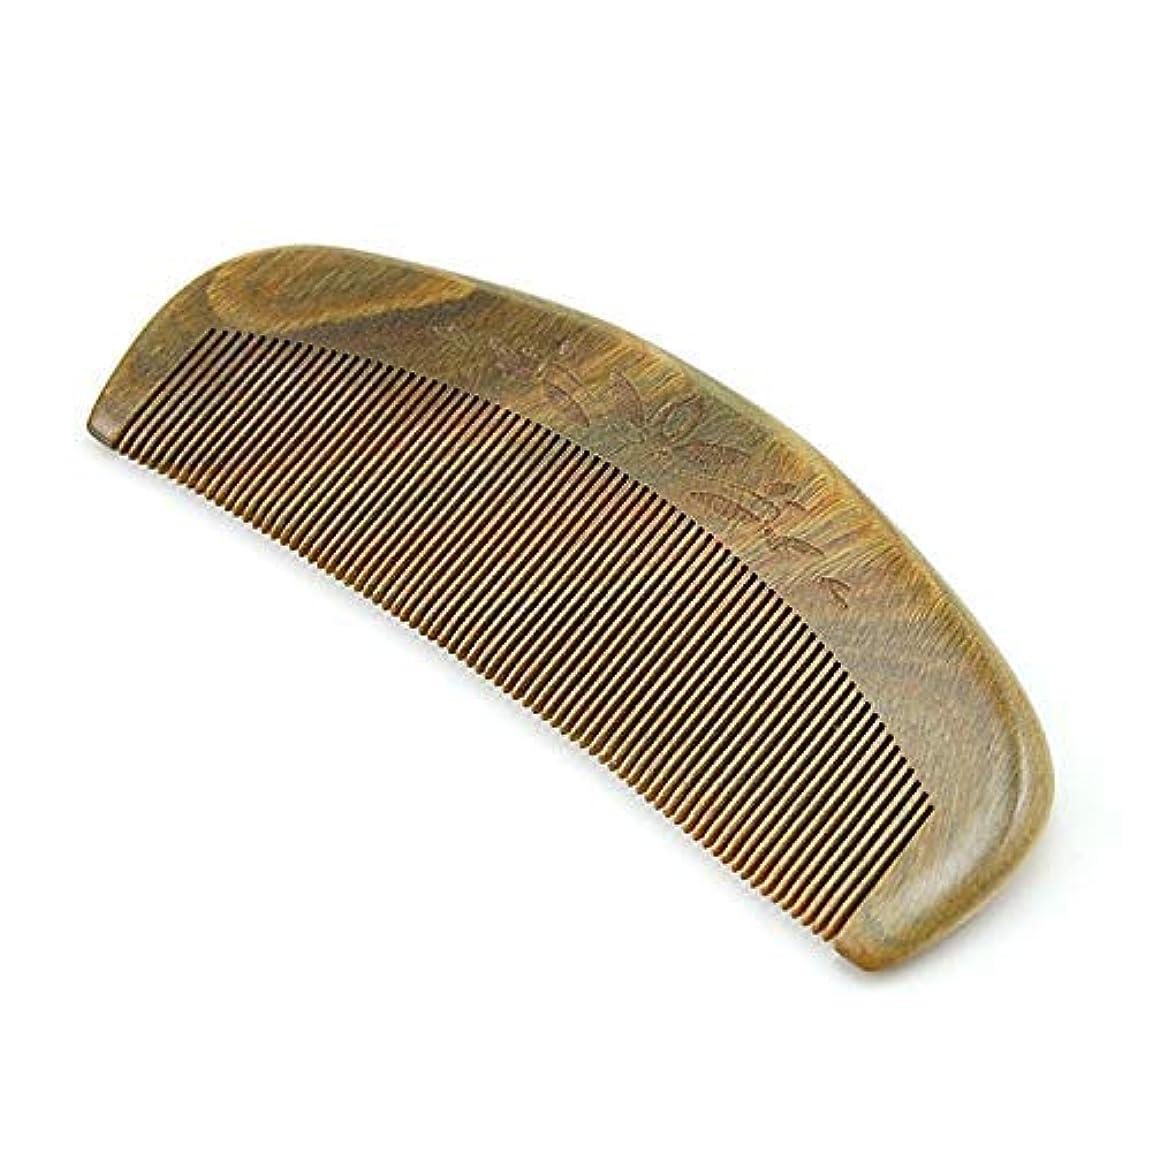 ごちそうモスクであることBrand New and Natural Green Sandalwood Fine Tooth Comb, Anti Static Pocket Wooden Comb [並行輸入品]